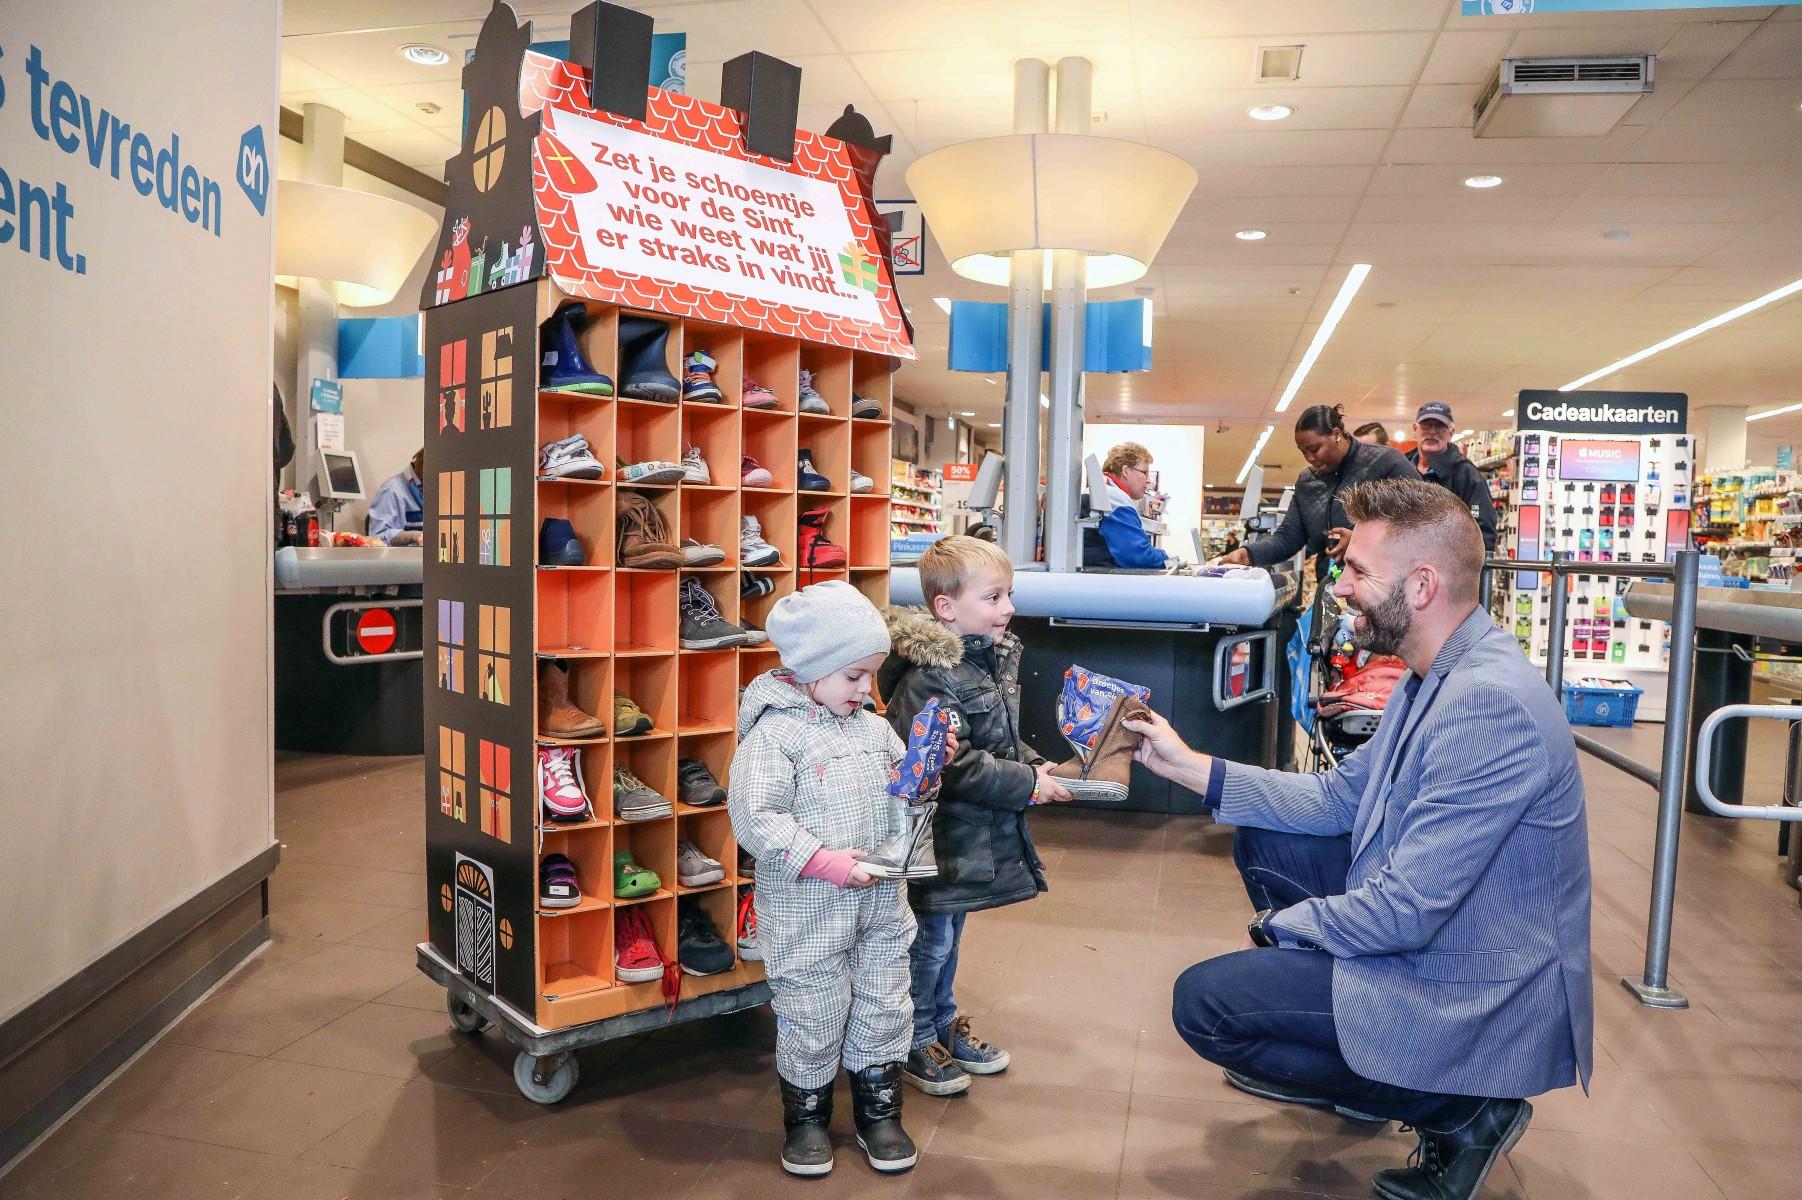 Albert Heijn maakt 250.000 kinderen blij met schoencadeau